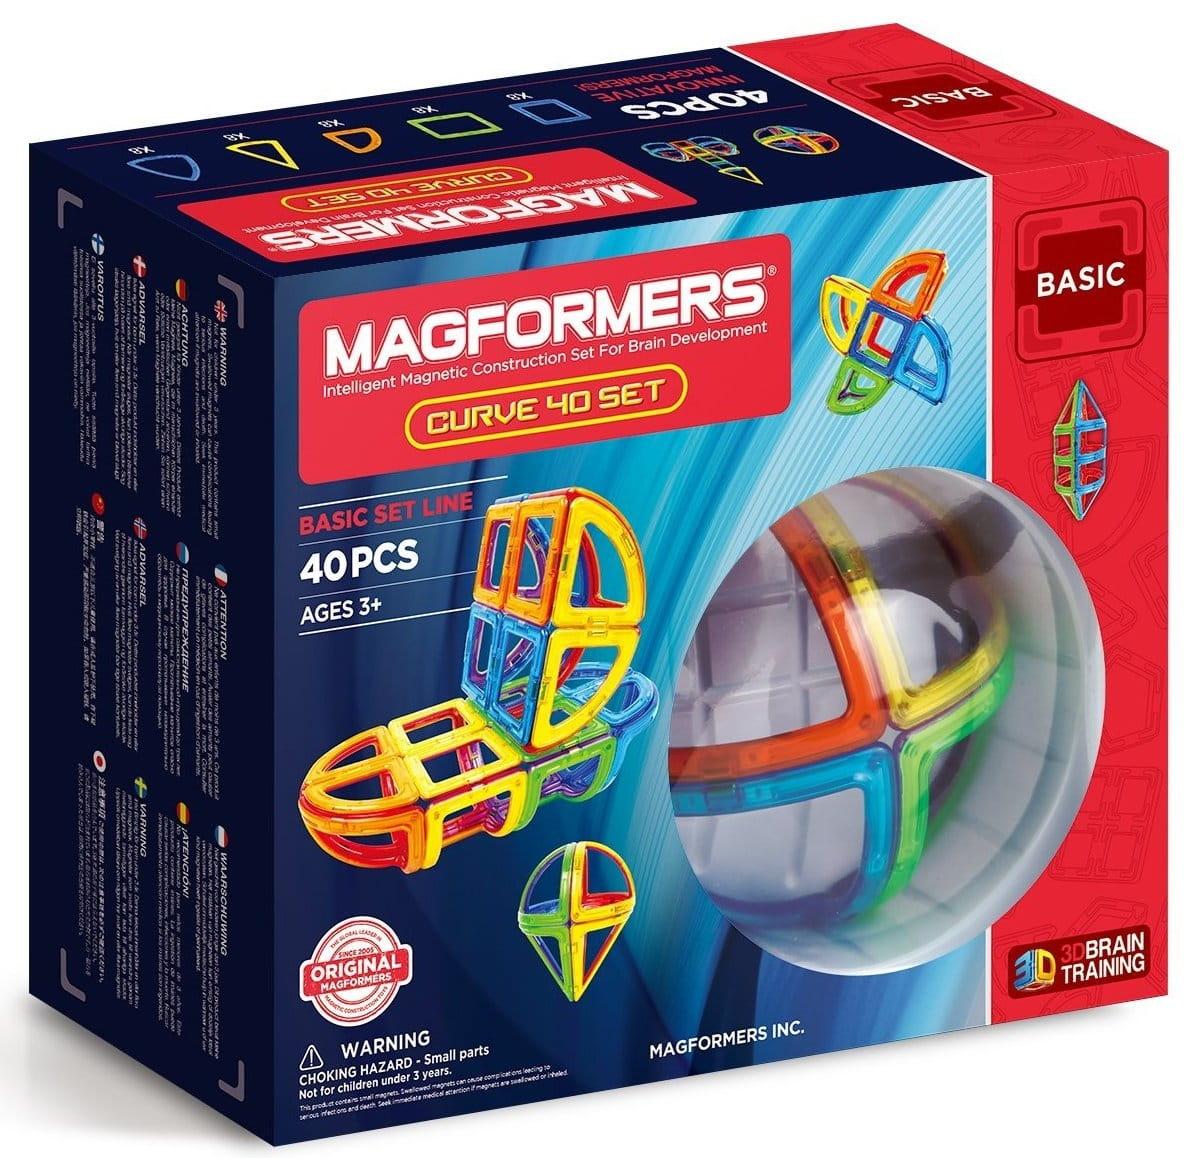 Магнитный конструктор Magformers Curve 40 Set  40 деталей - Магнитные конструкторы